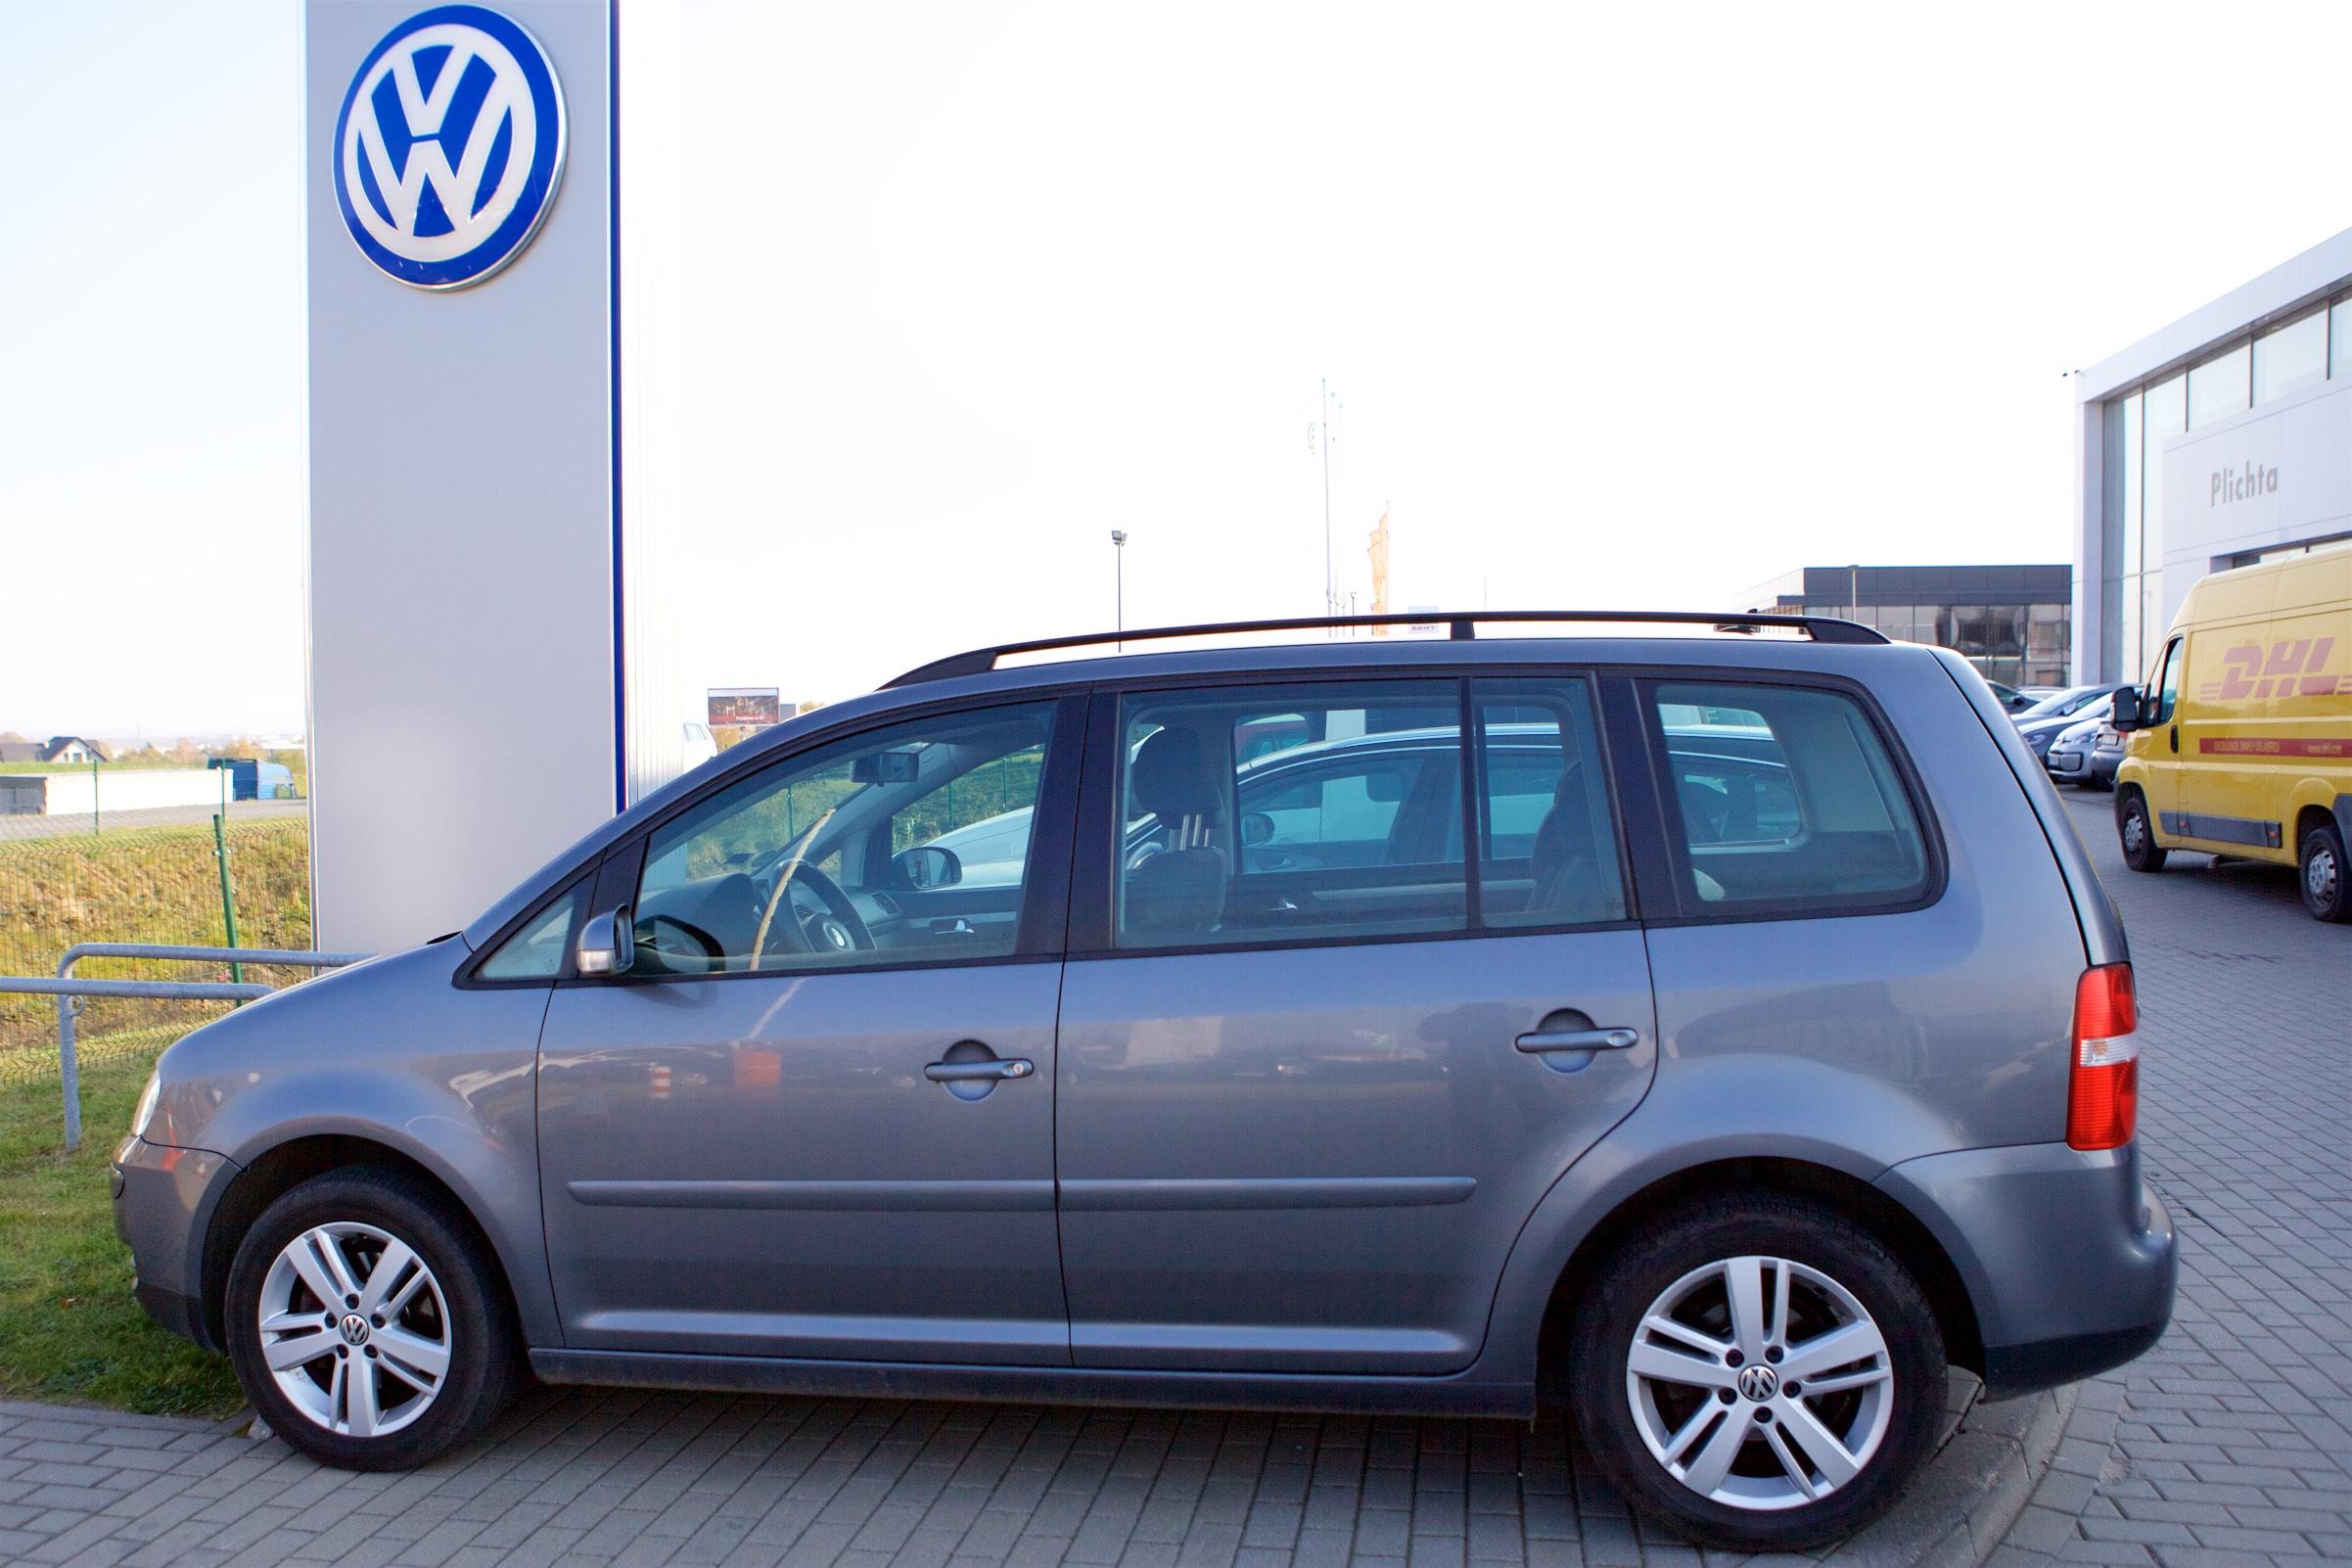 SPRZEDAM VW TOURAN 2,O TDI 140 KM, 2006